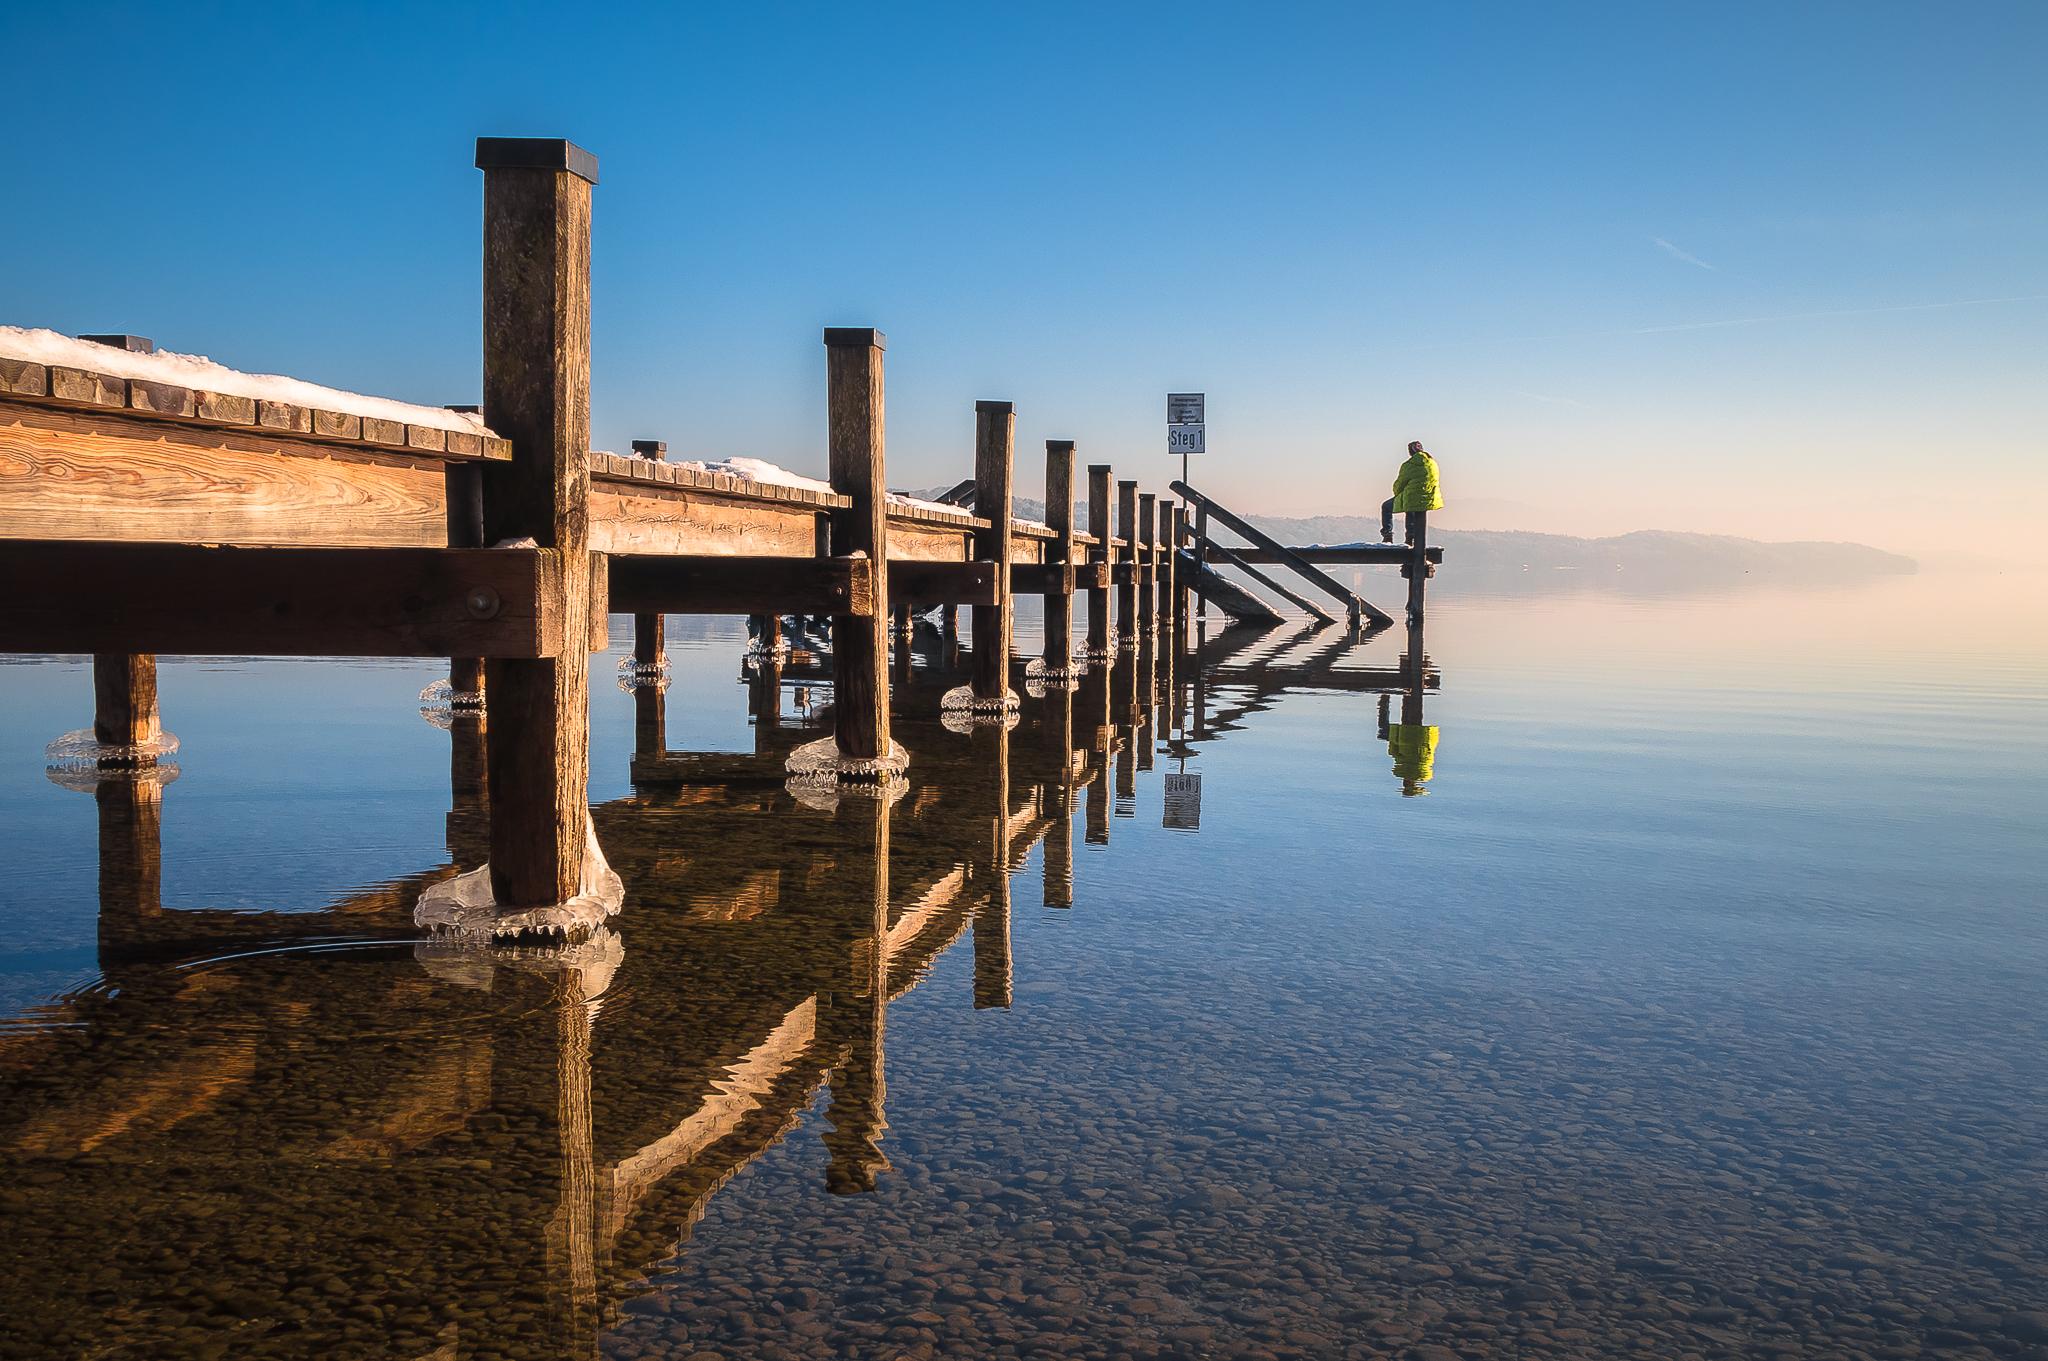 silence at starnberg lake, Germany